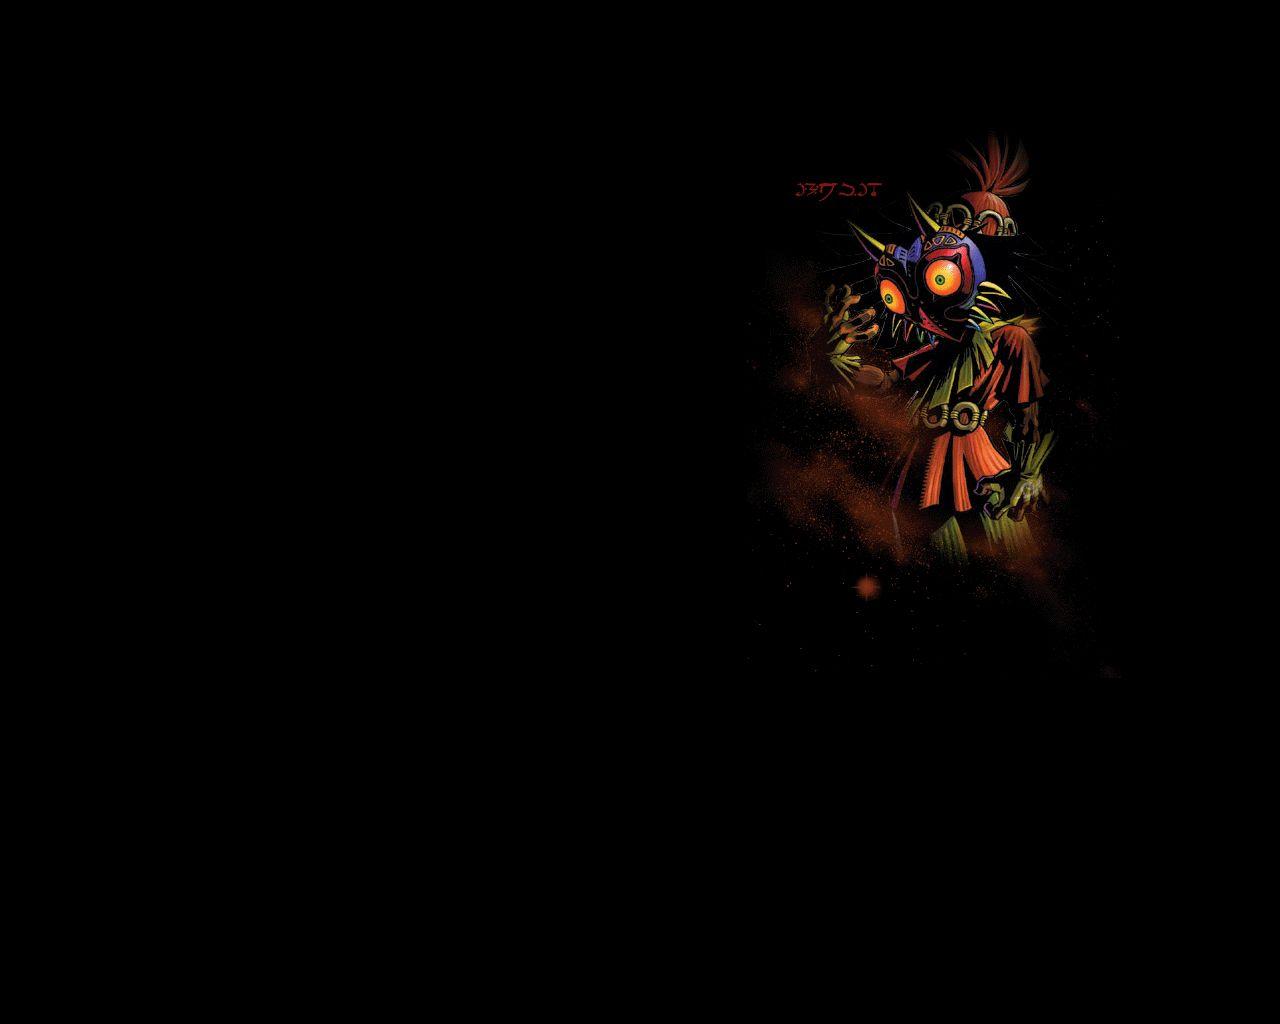 Zelda Skull Kid Wallpaper